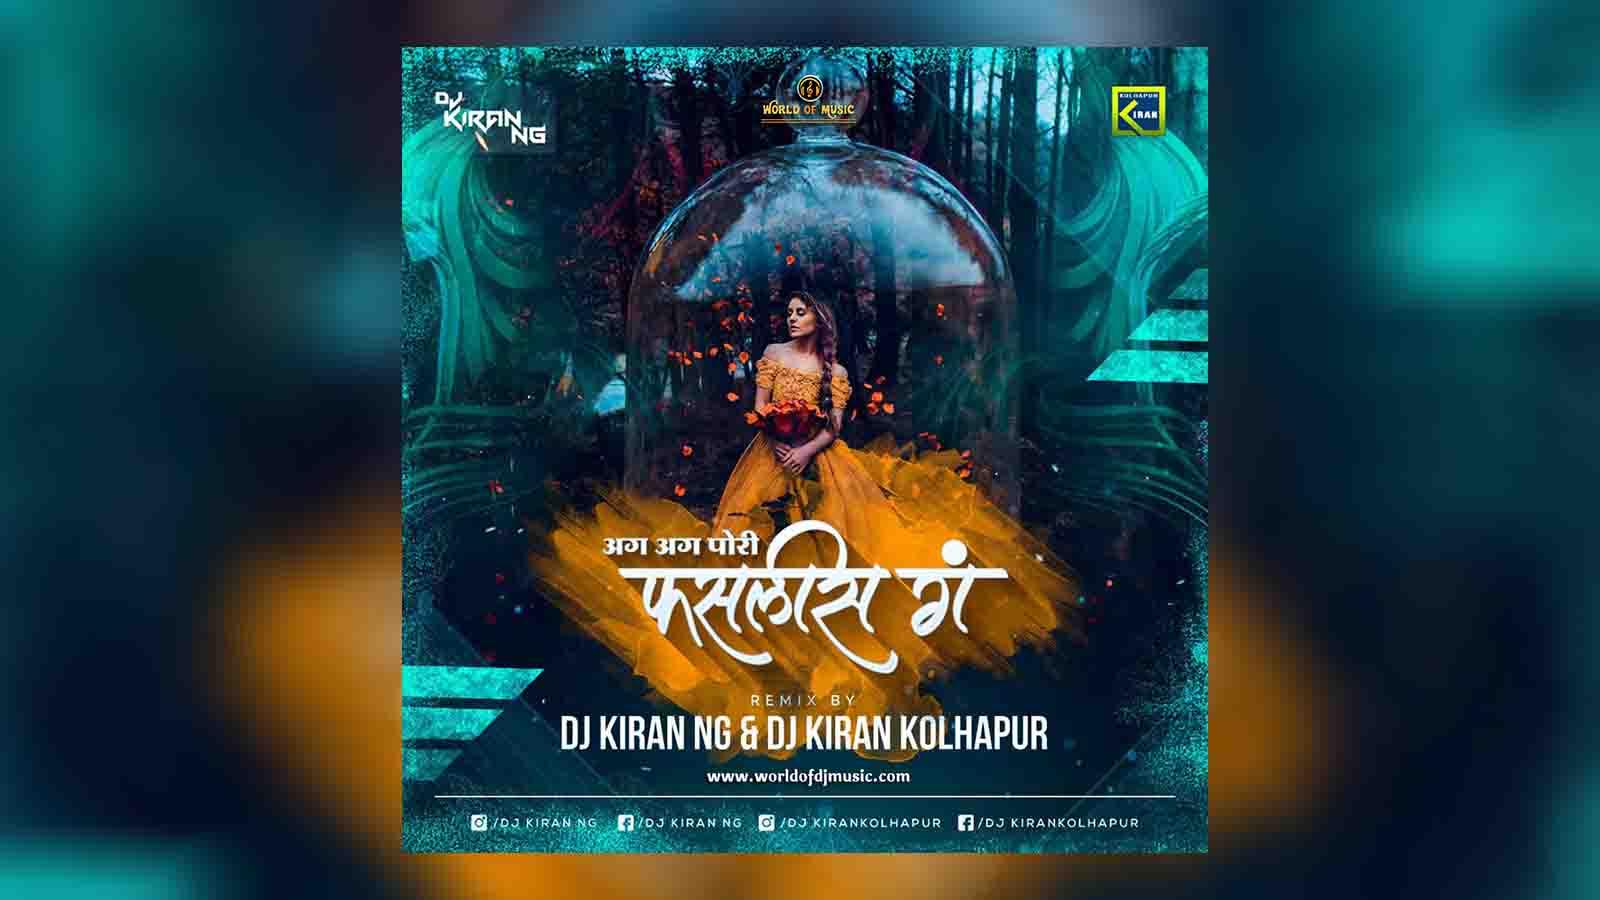 Aga Aga Pori Faslis - Dj Kiran (NG) & Dj Kiran Kolhapur